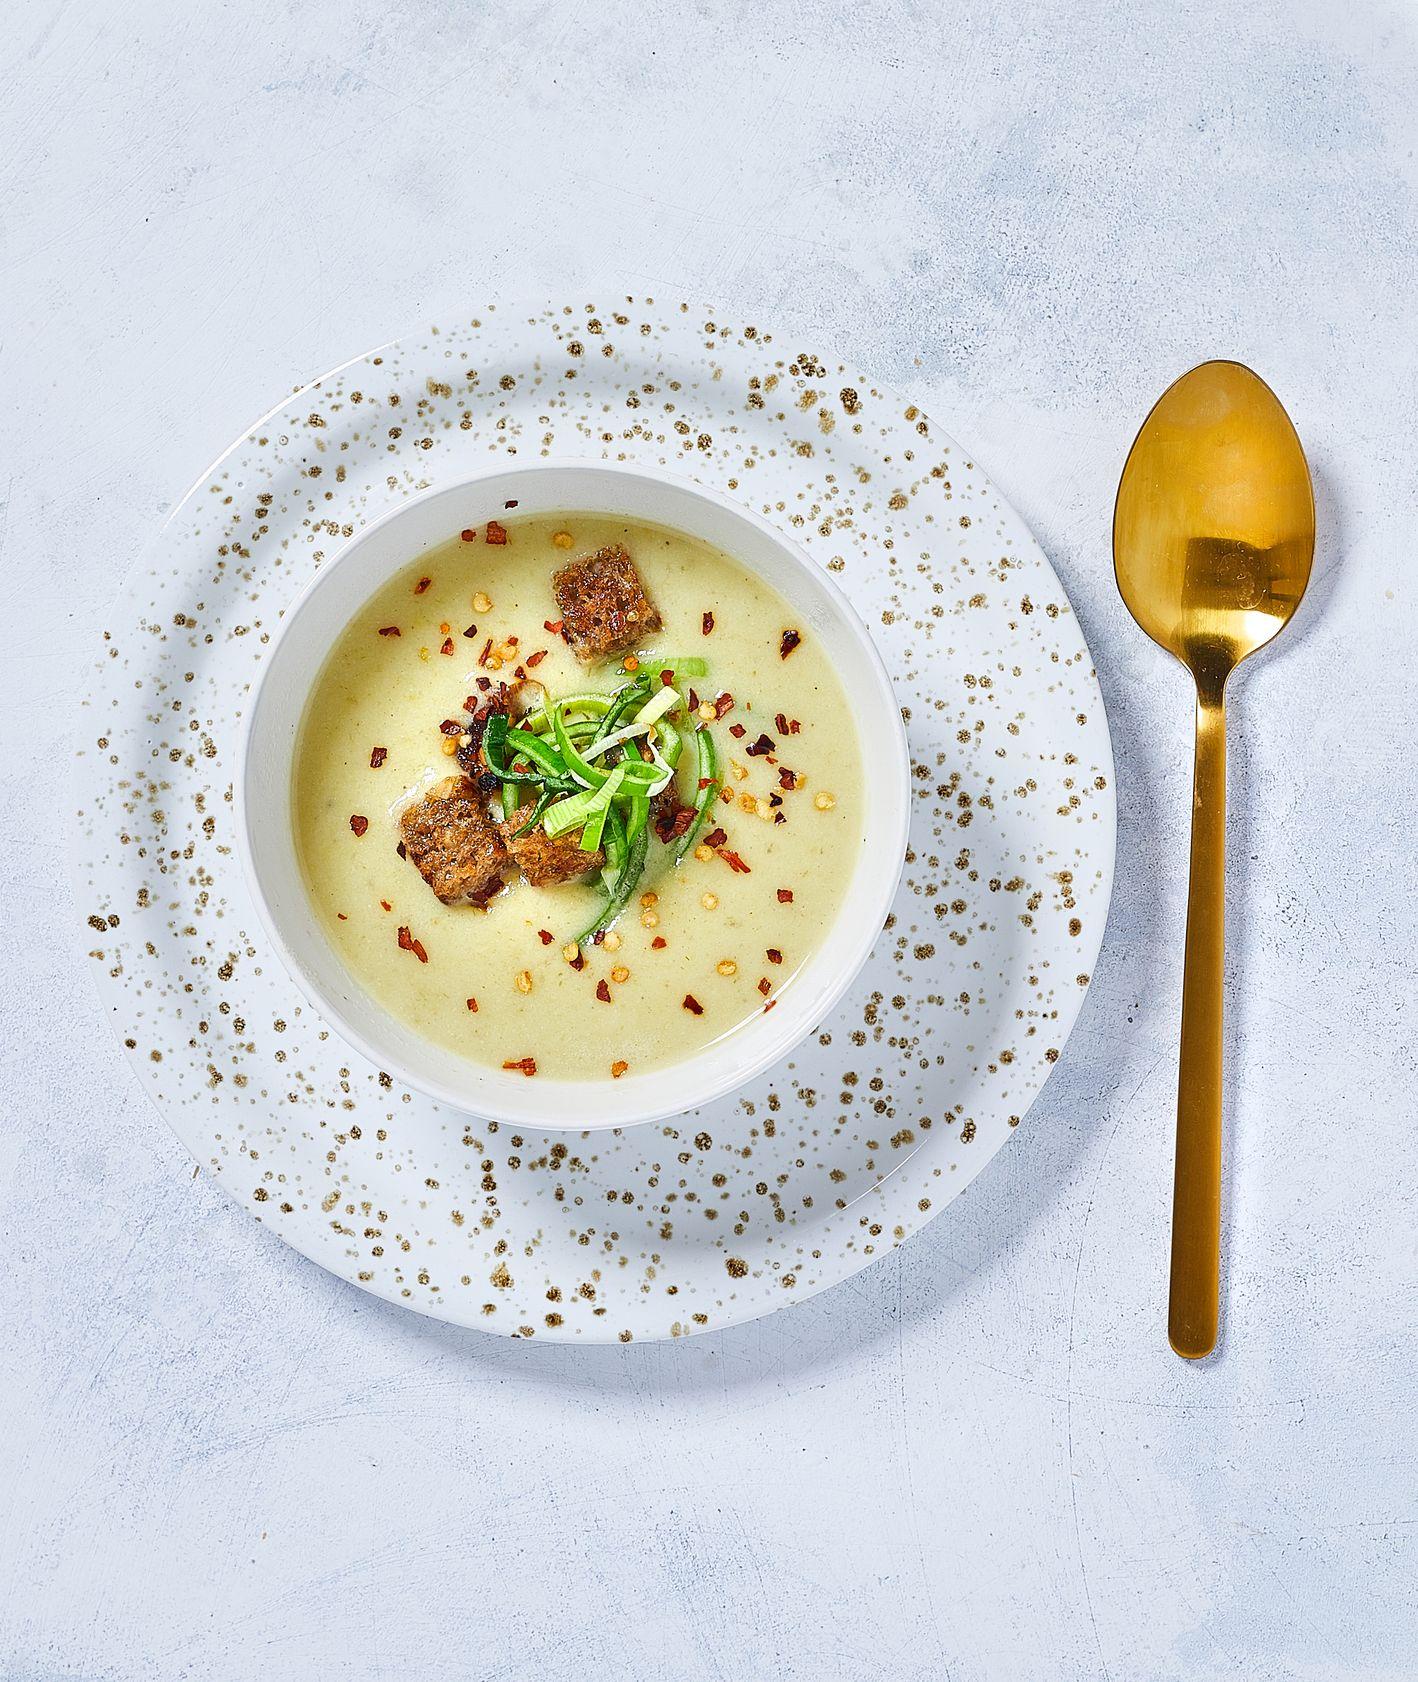 Zupa krem z pora i młodych ziemniaków podana z grzankami razowymi, duszonym porem i płatkami chili, sezonówki por, cebula dymka